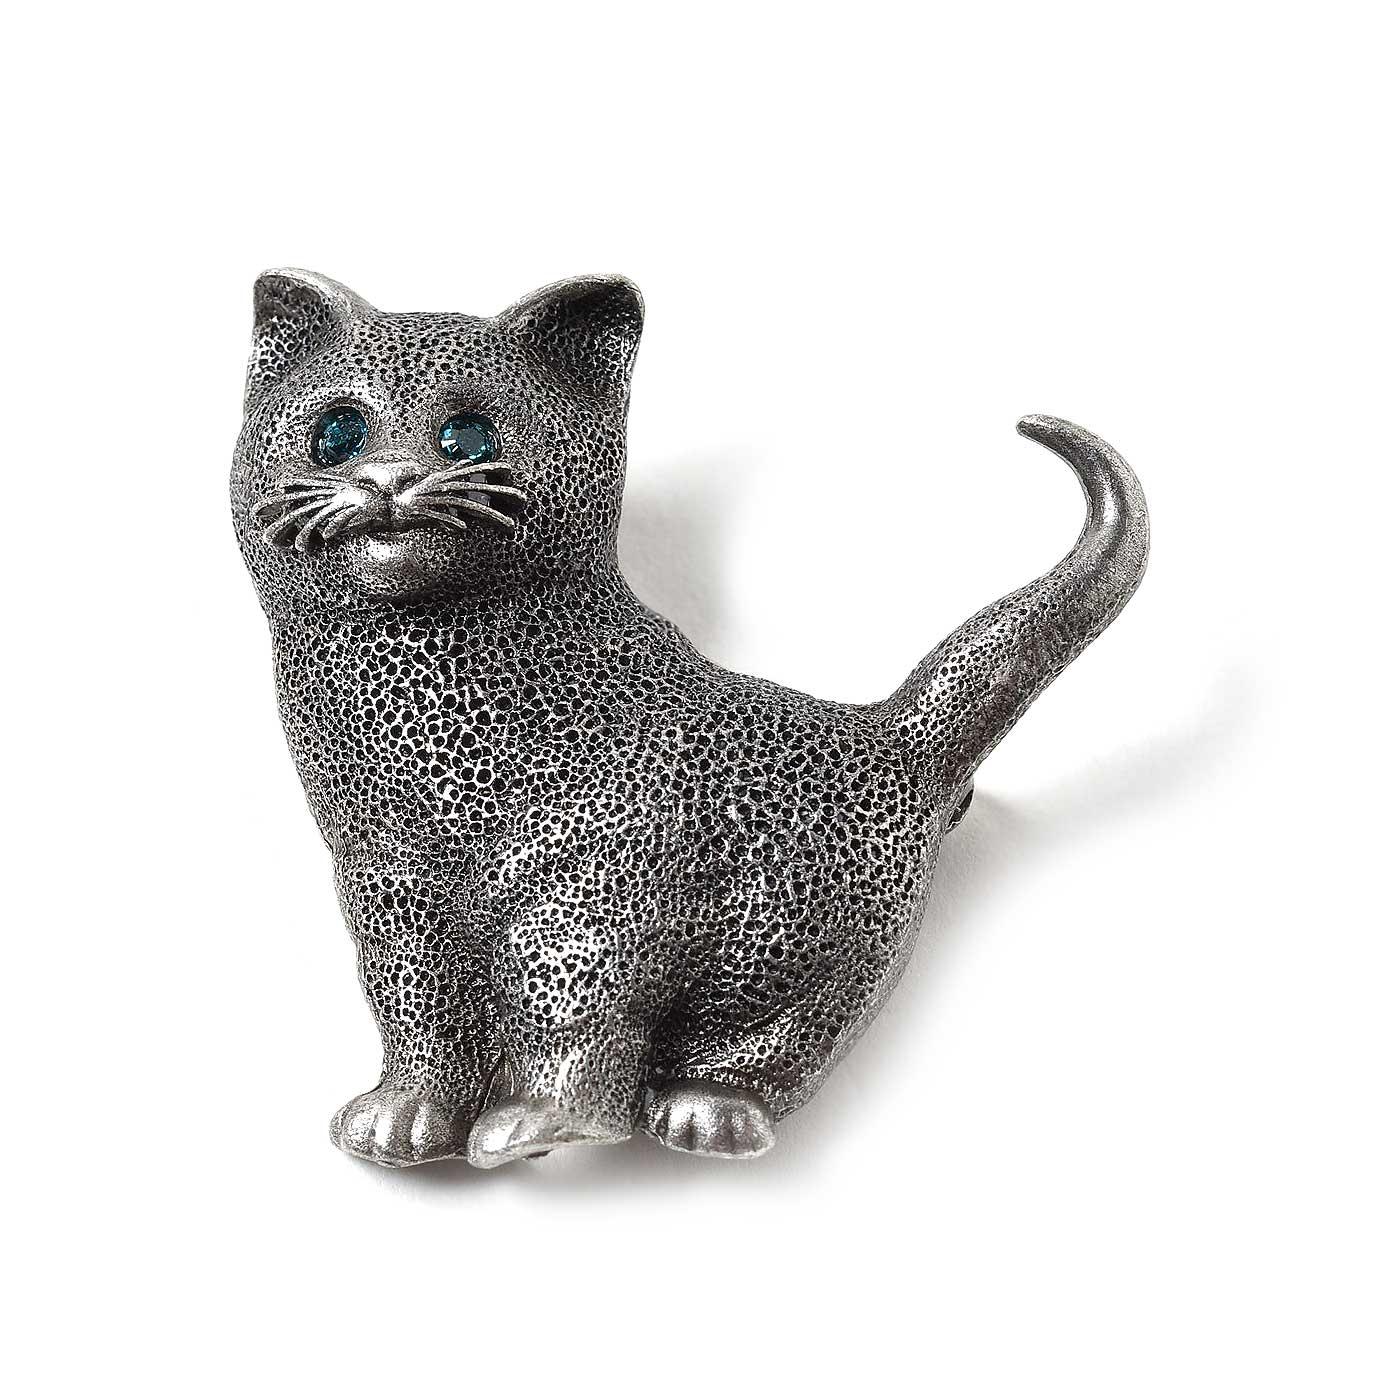 青いガラスがはめ込まれた子猫のブローチは大きな目なのでかばんなどに着けても素敵です。